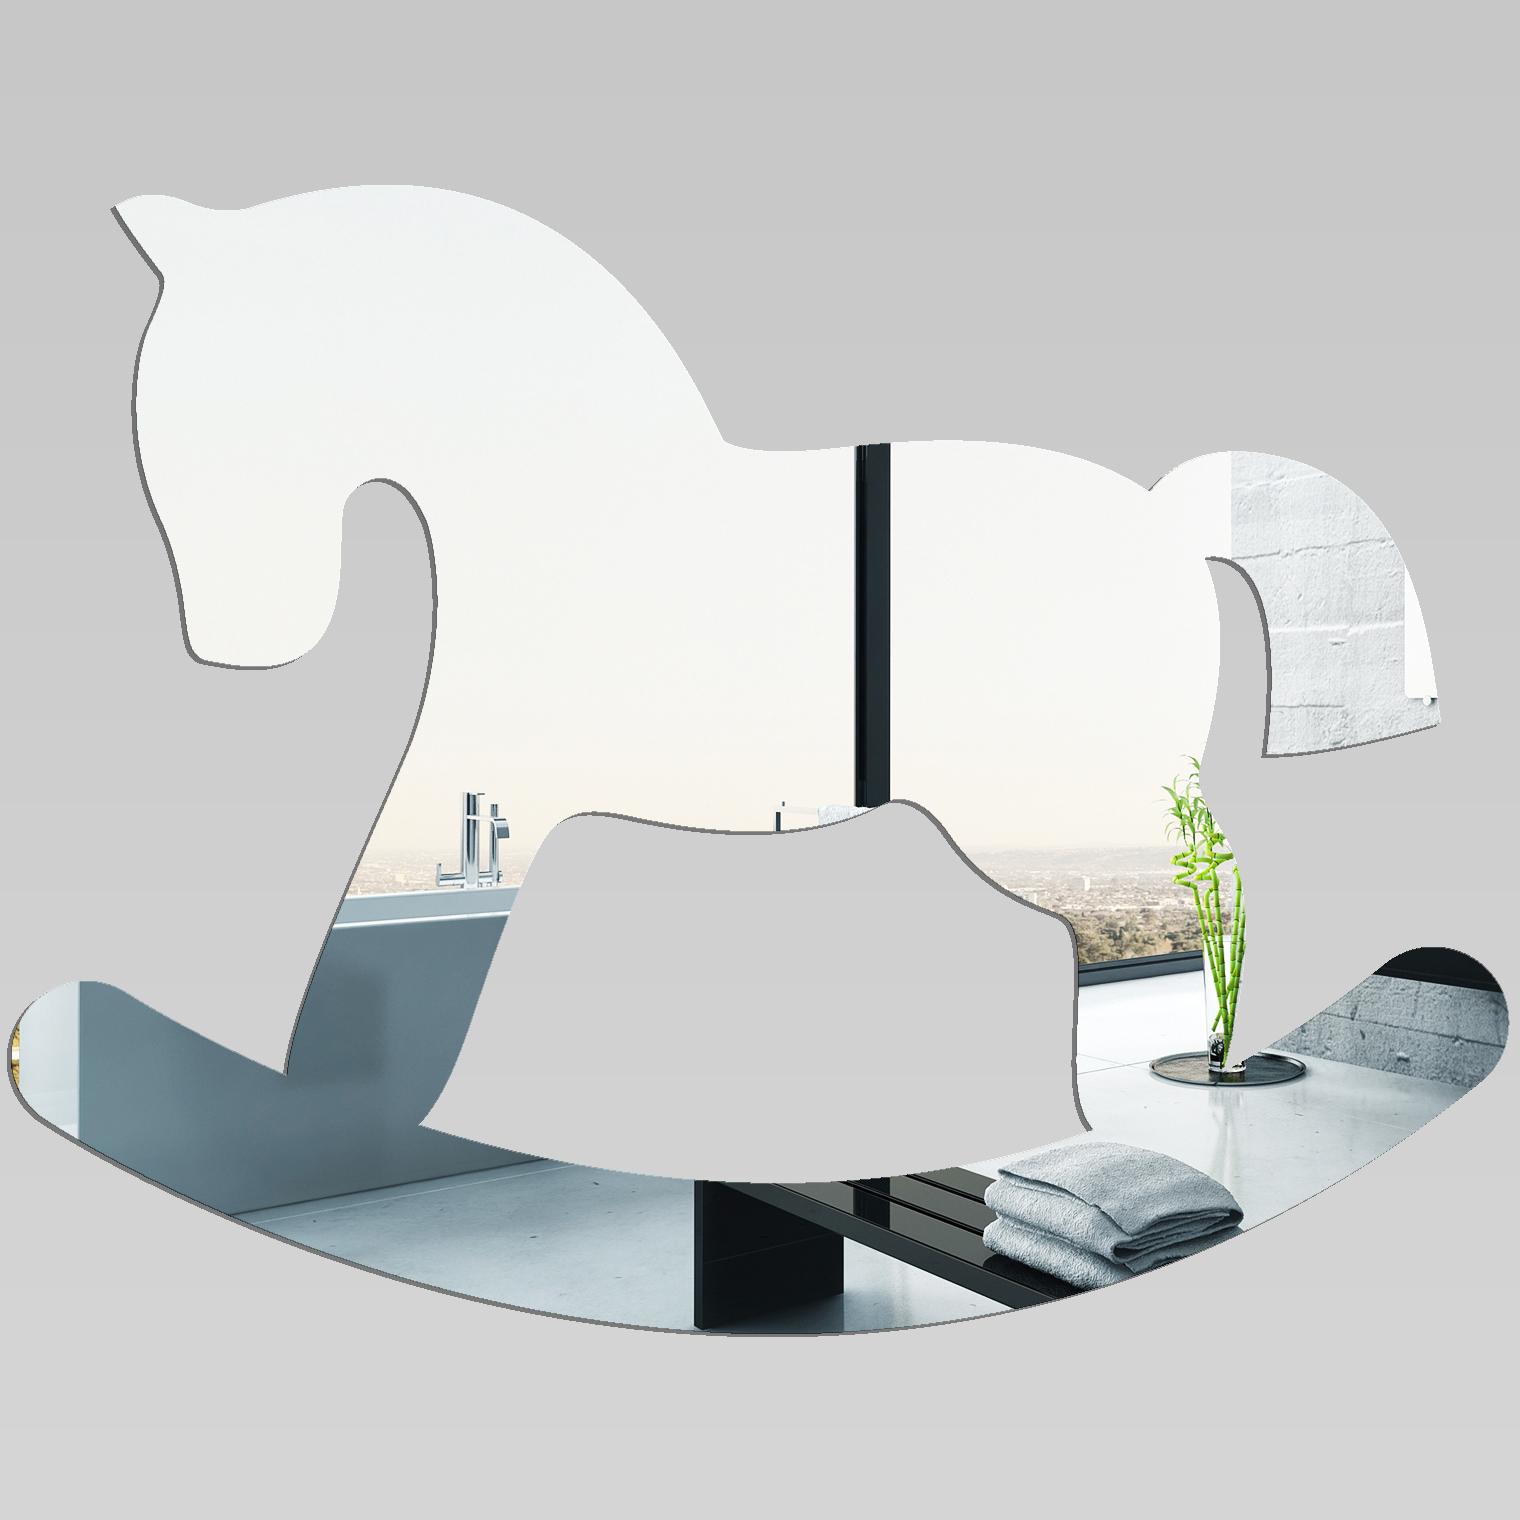 Miroir plexiglass acrylique cheval bascule pas cher for Miroir en acrylique